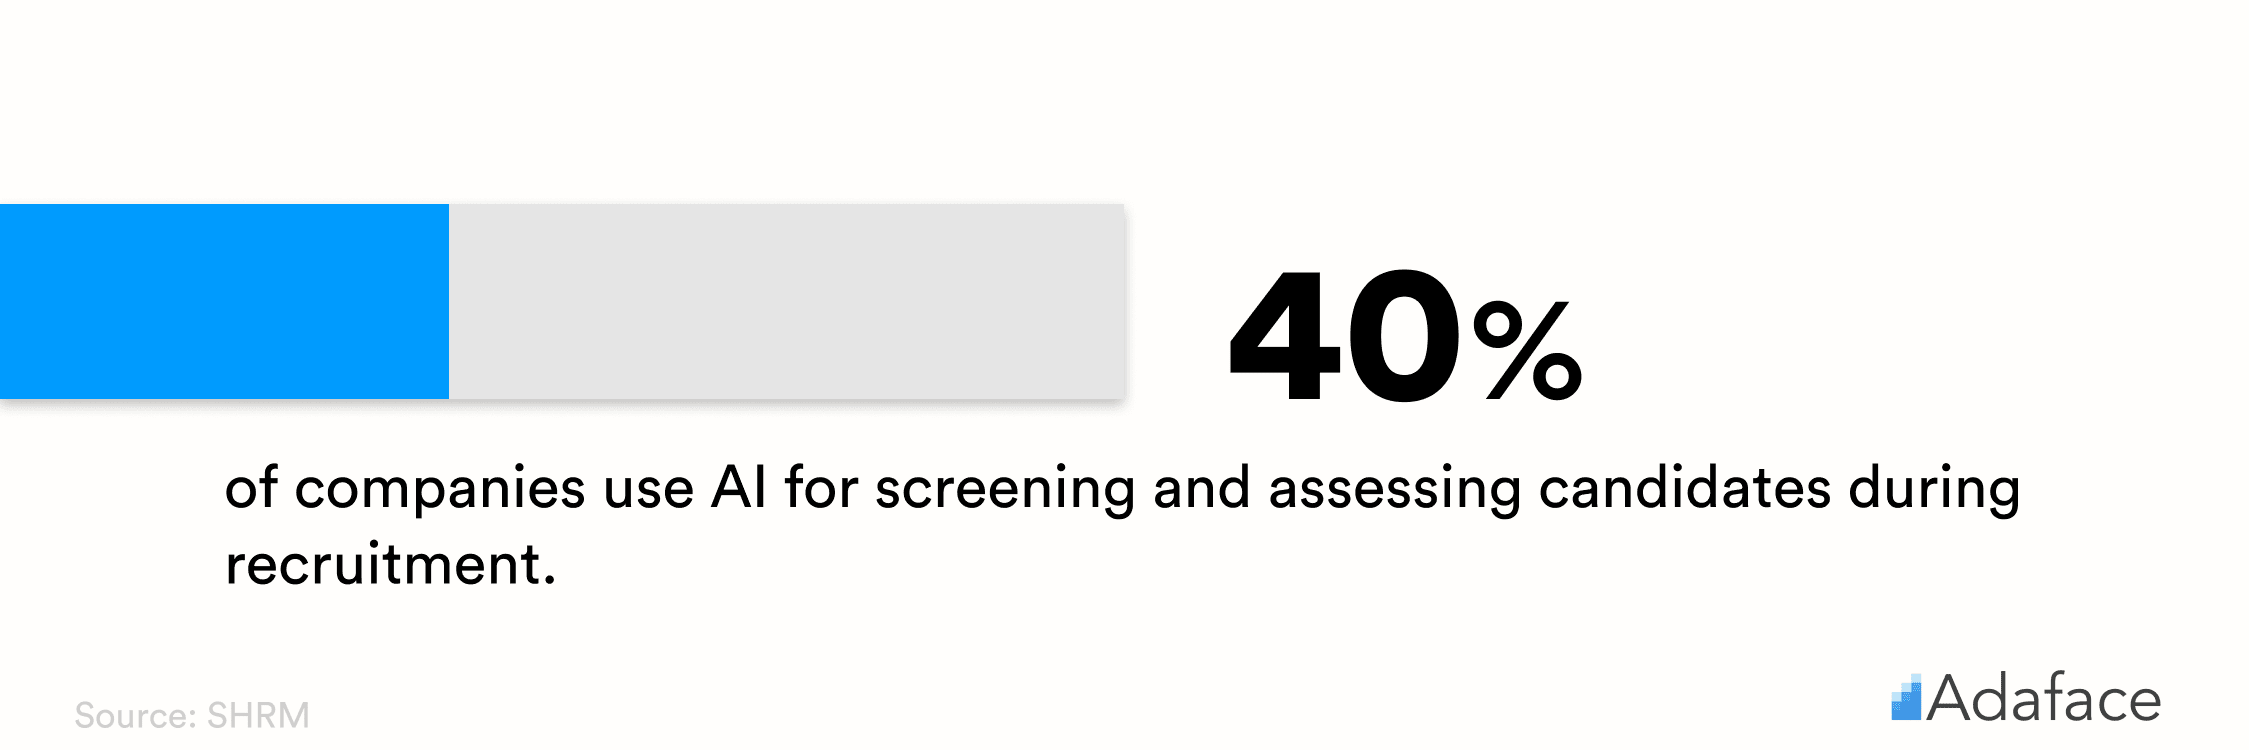 AI in HR statistics - Adaface